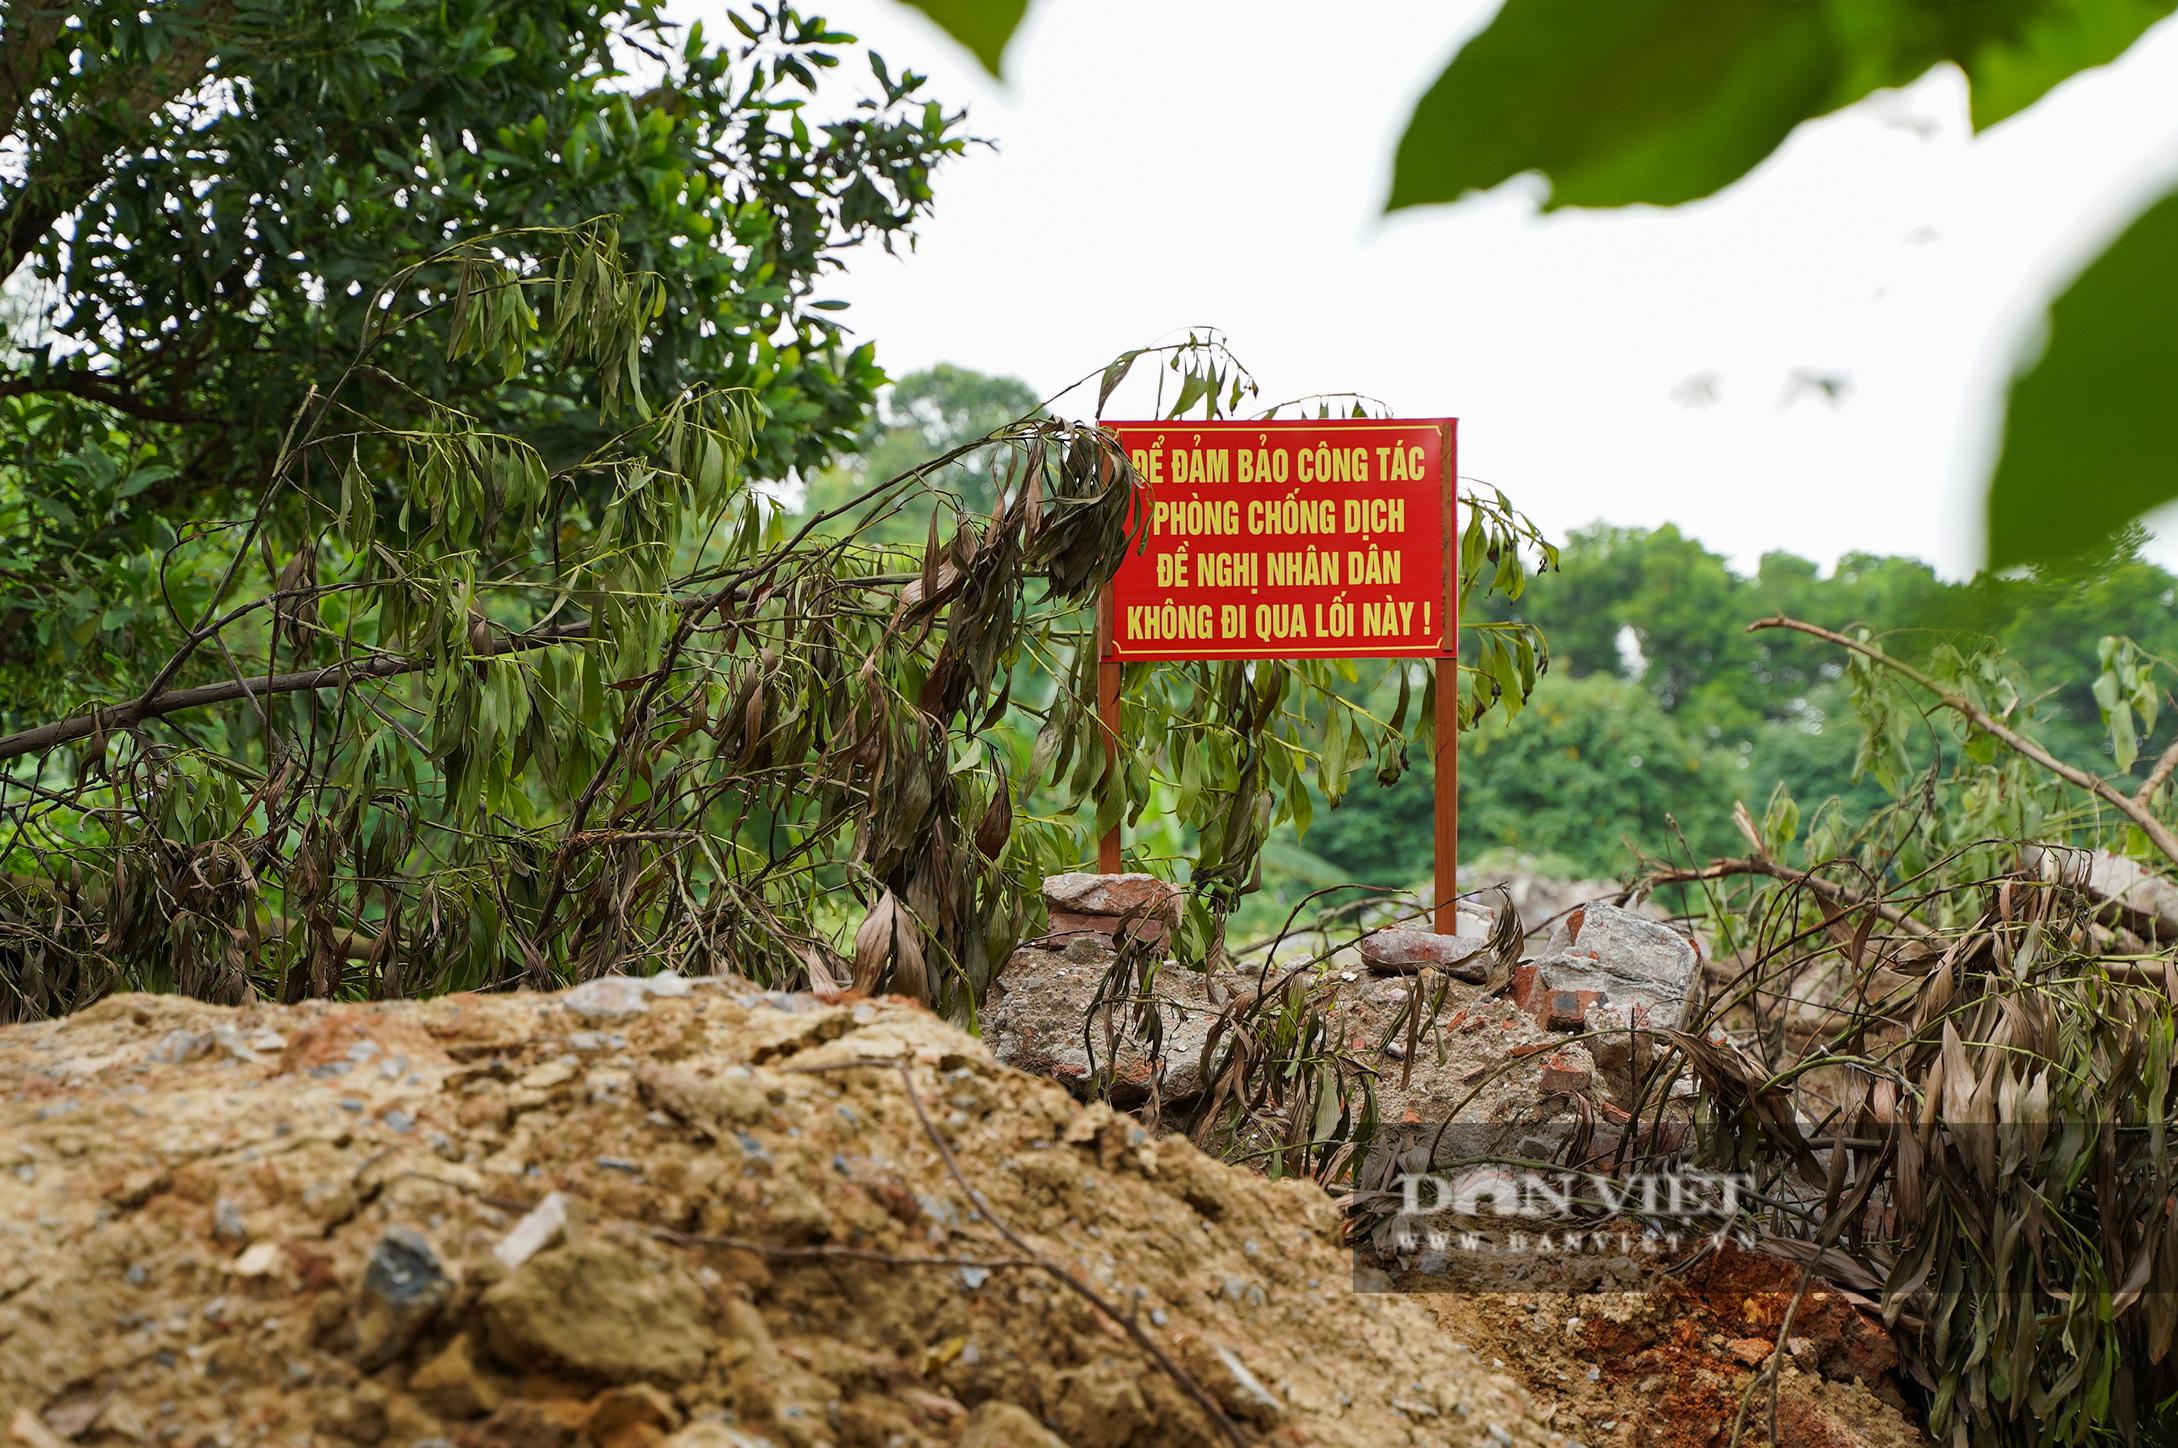 Hà Nội: Đổ đất, dựng rào phòng dịch tại các nơi tiếp giáp Bắc Giang, Bắc Ninh - Ảnh 10.